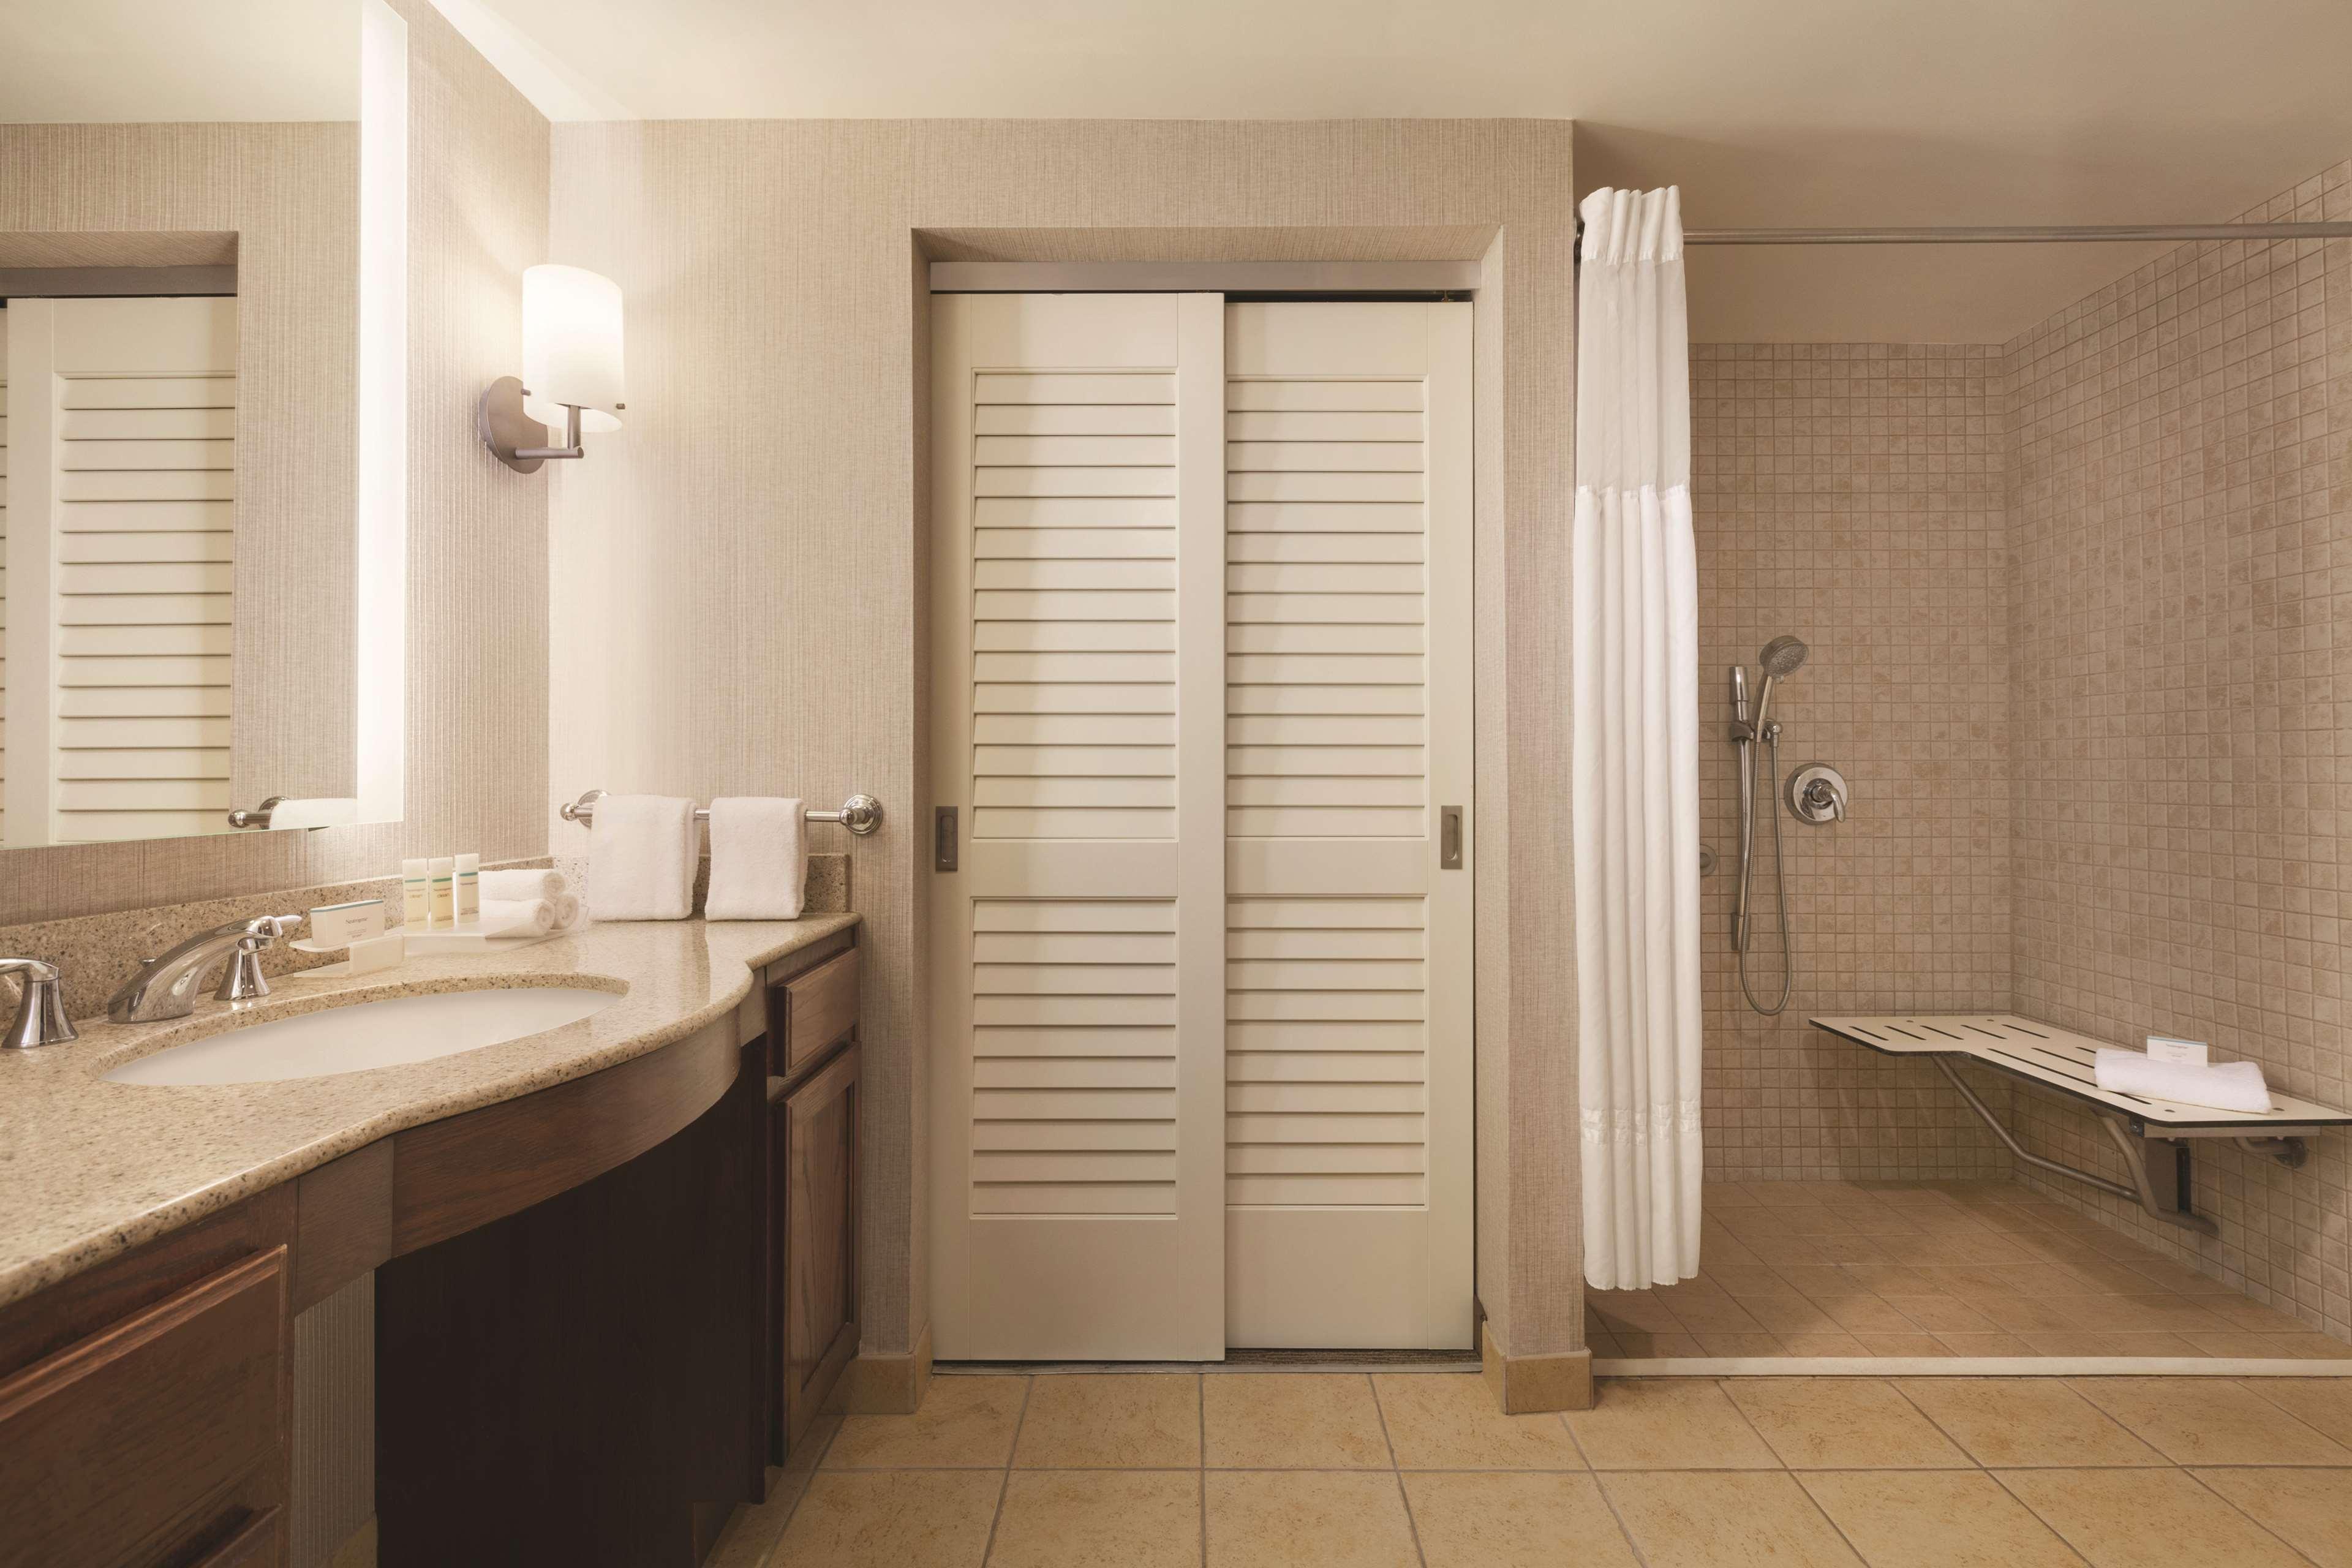 Homewood Suites by Hilton La Quinta image 28